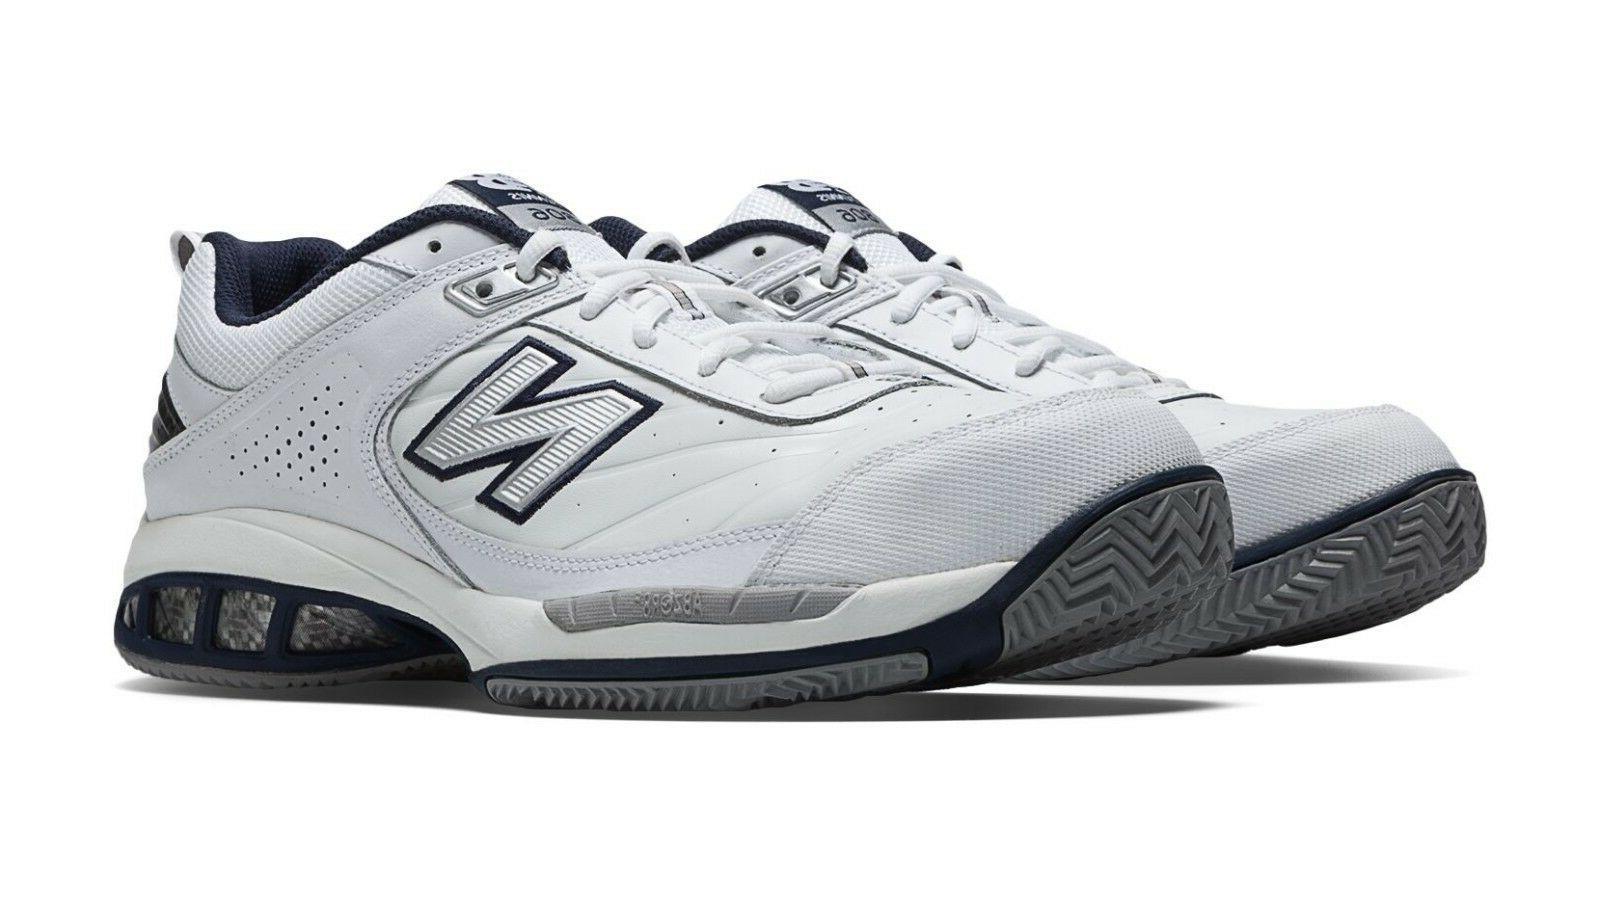 New Balance MC806W Men's White Core Tennis Shoes